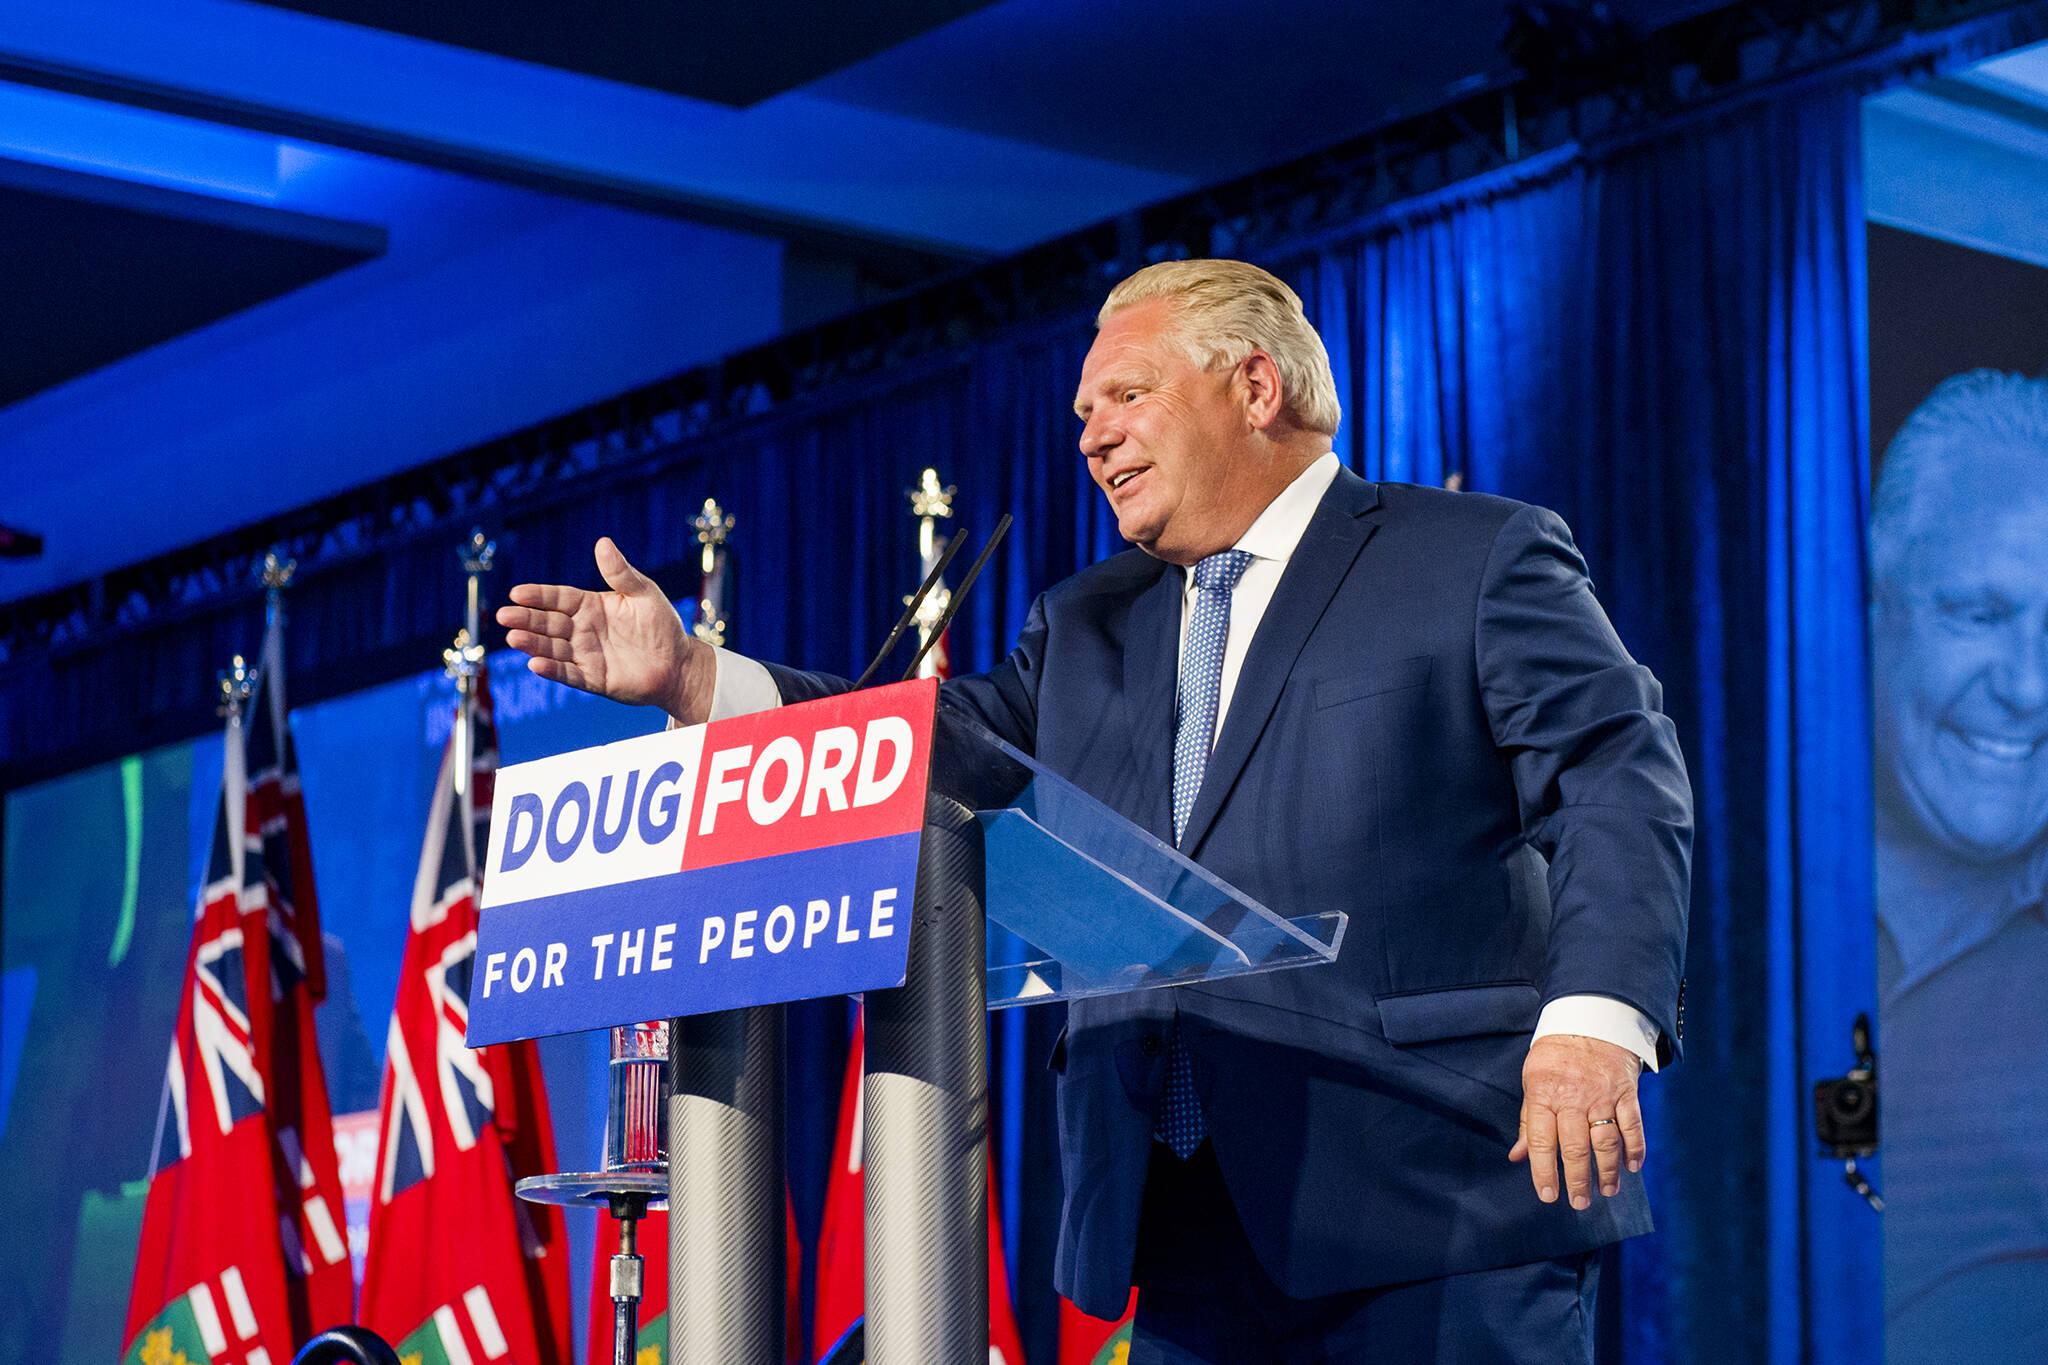 doug ford premier promises